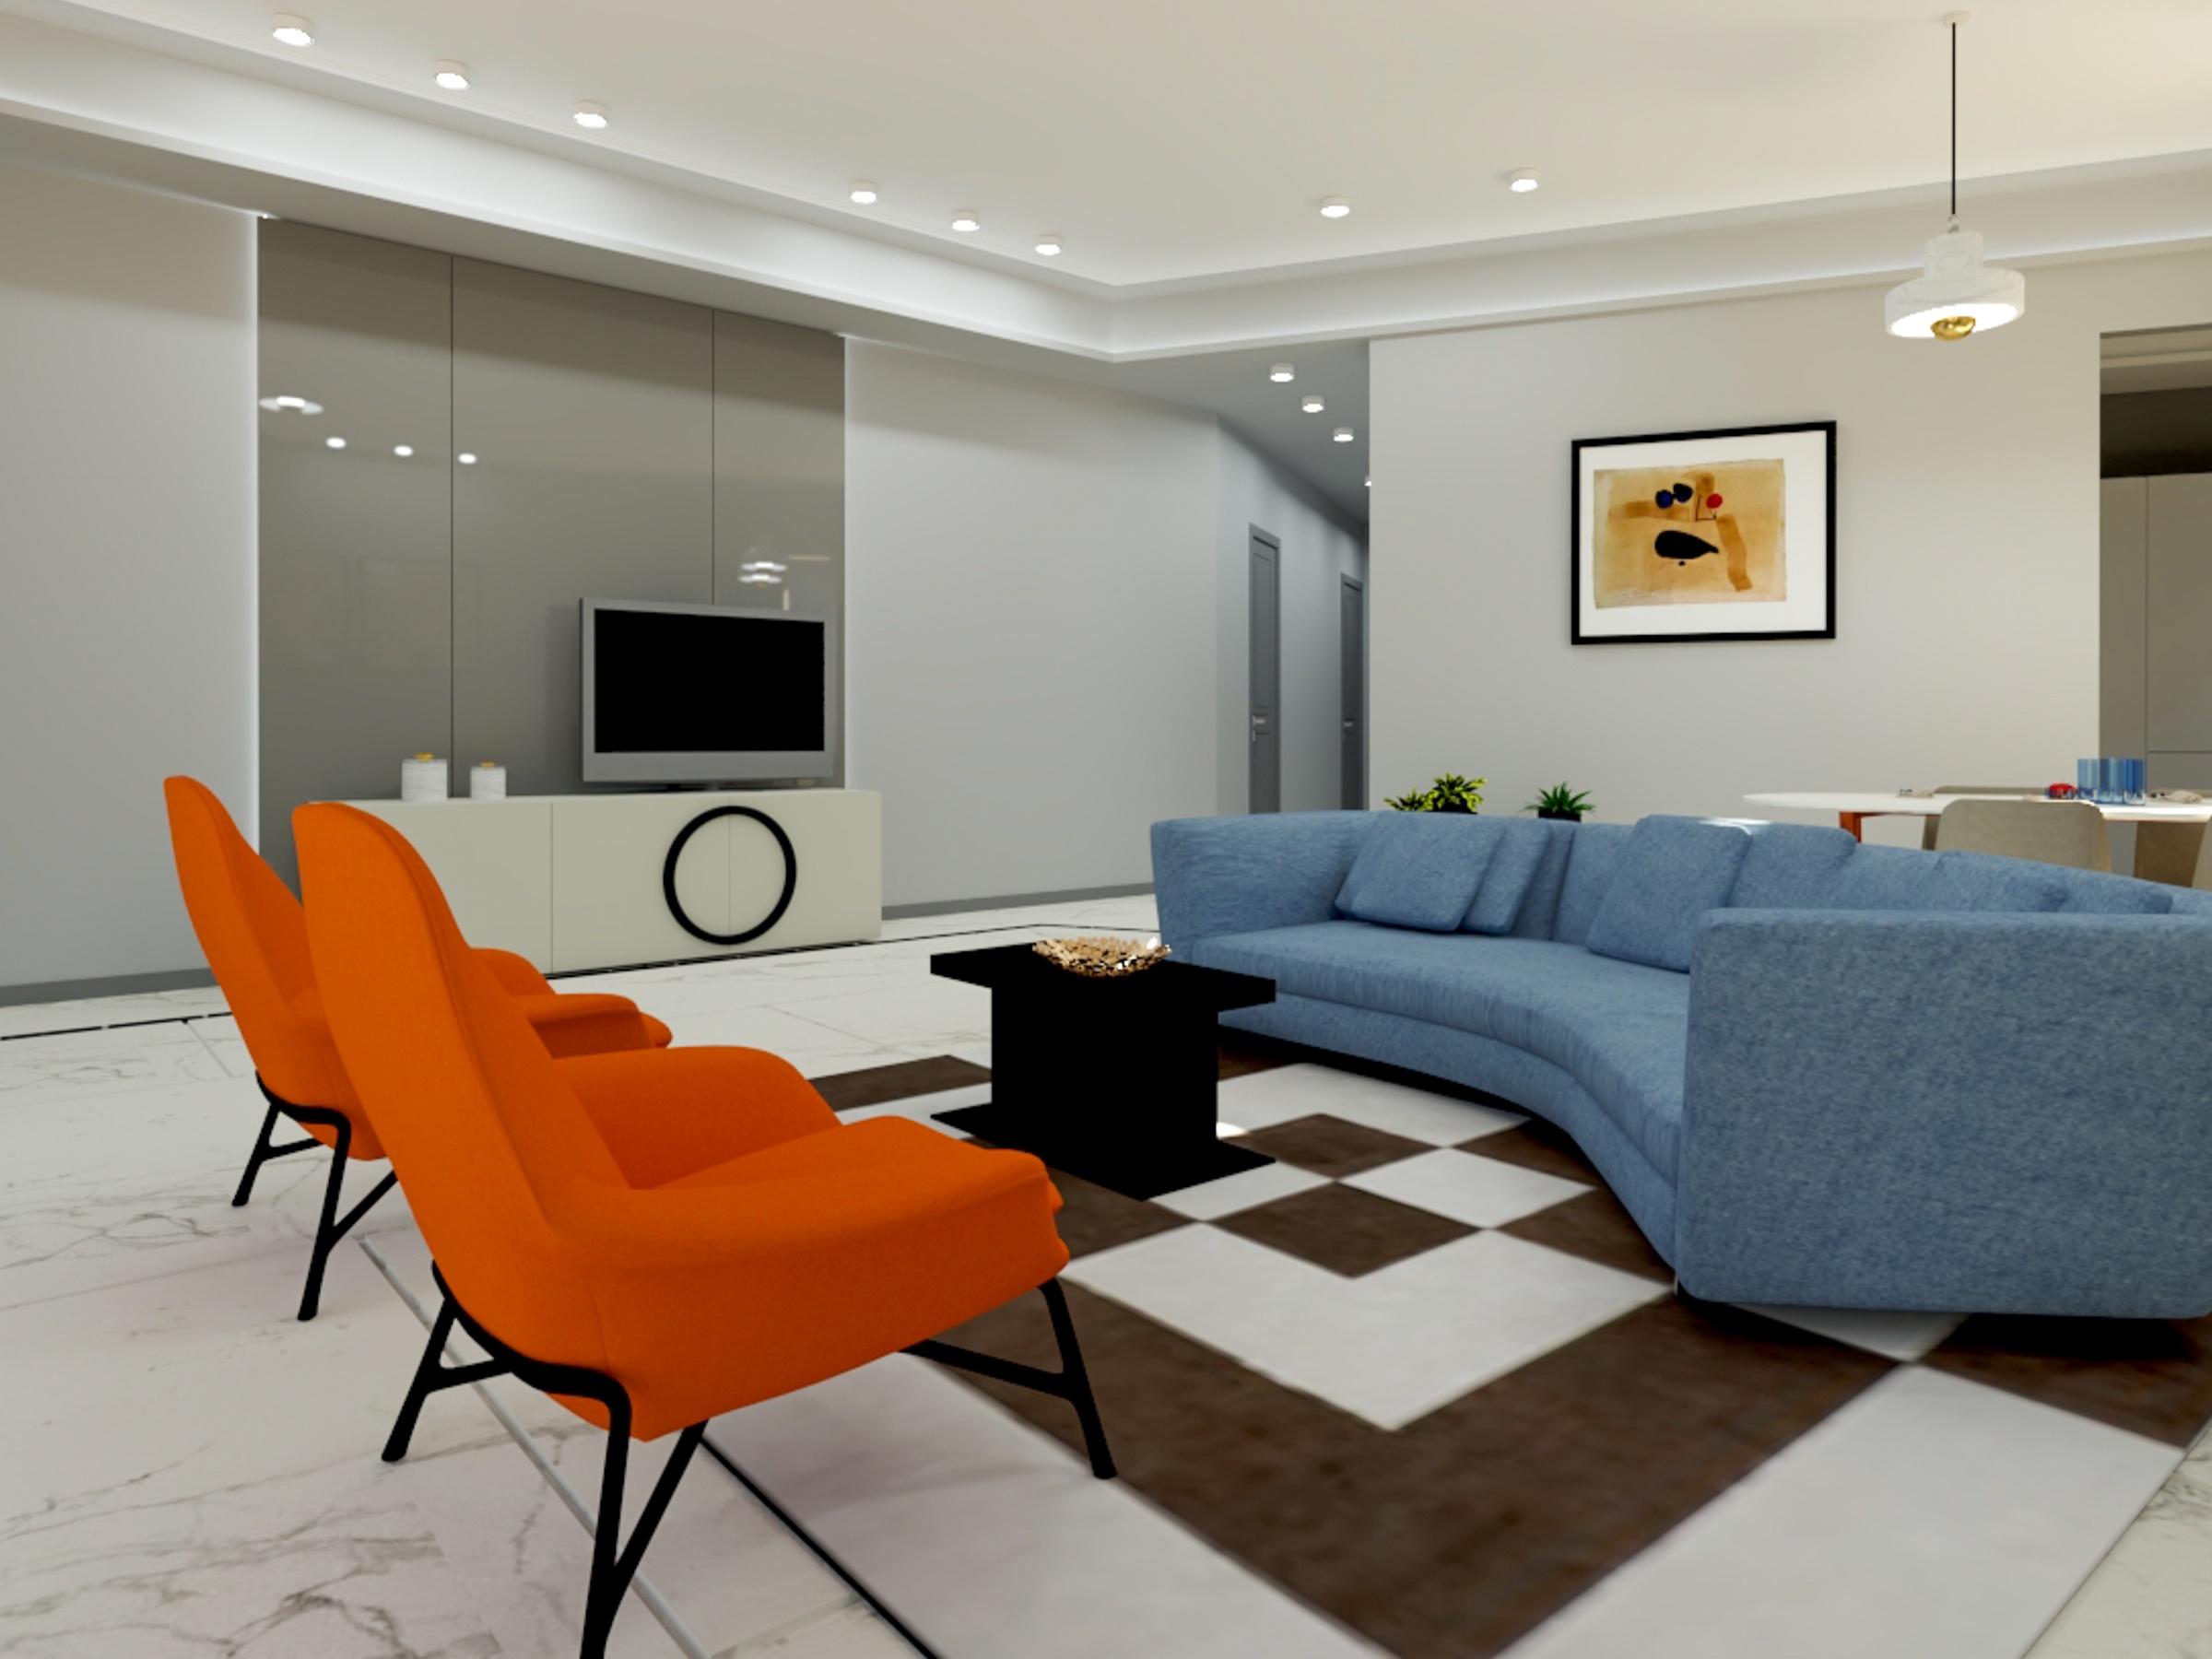 Living room interior design in apartments